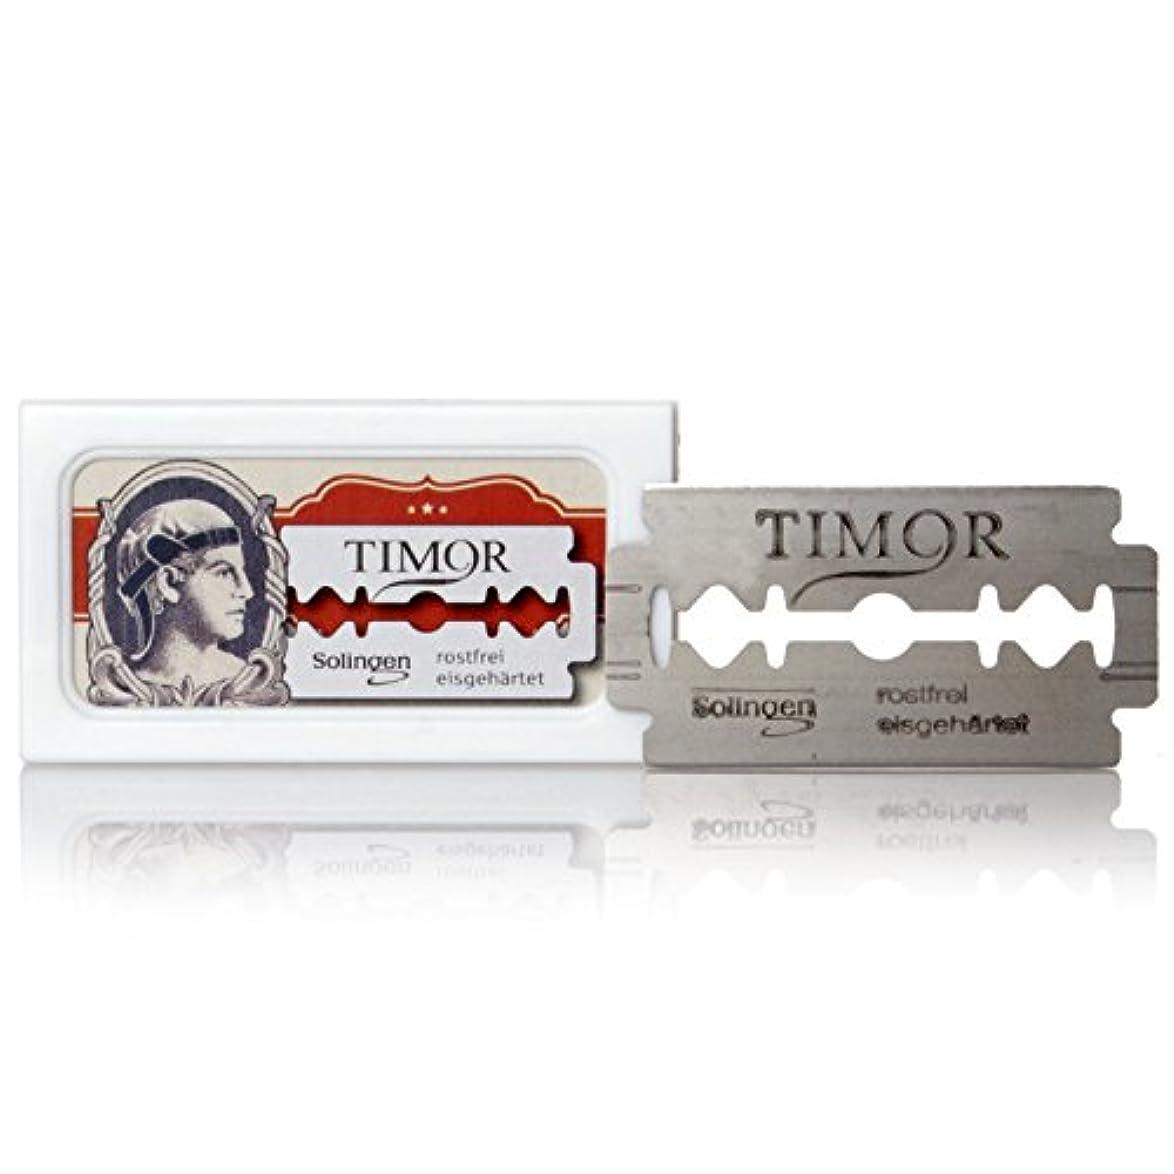 タック波高いTimor - razor blades, stainless, 10 pieces